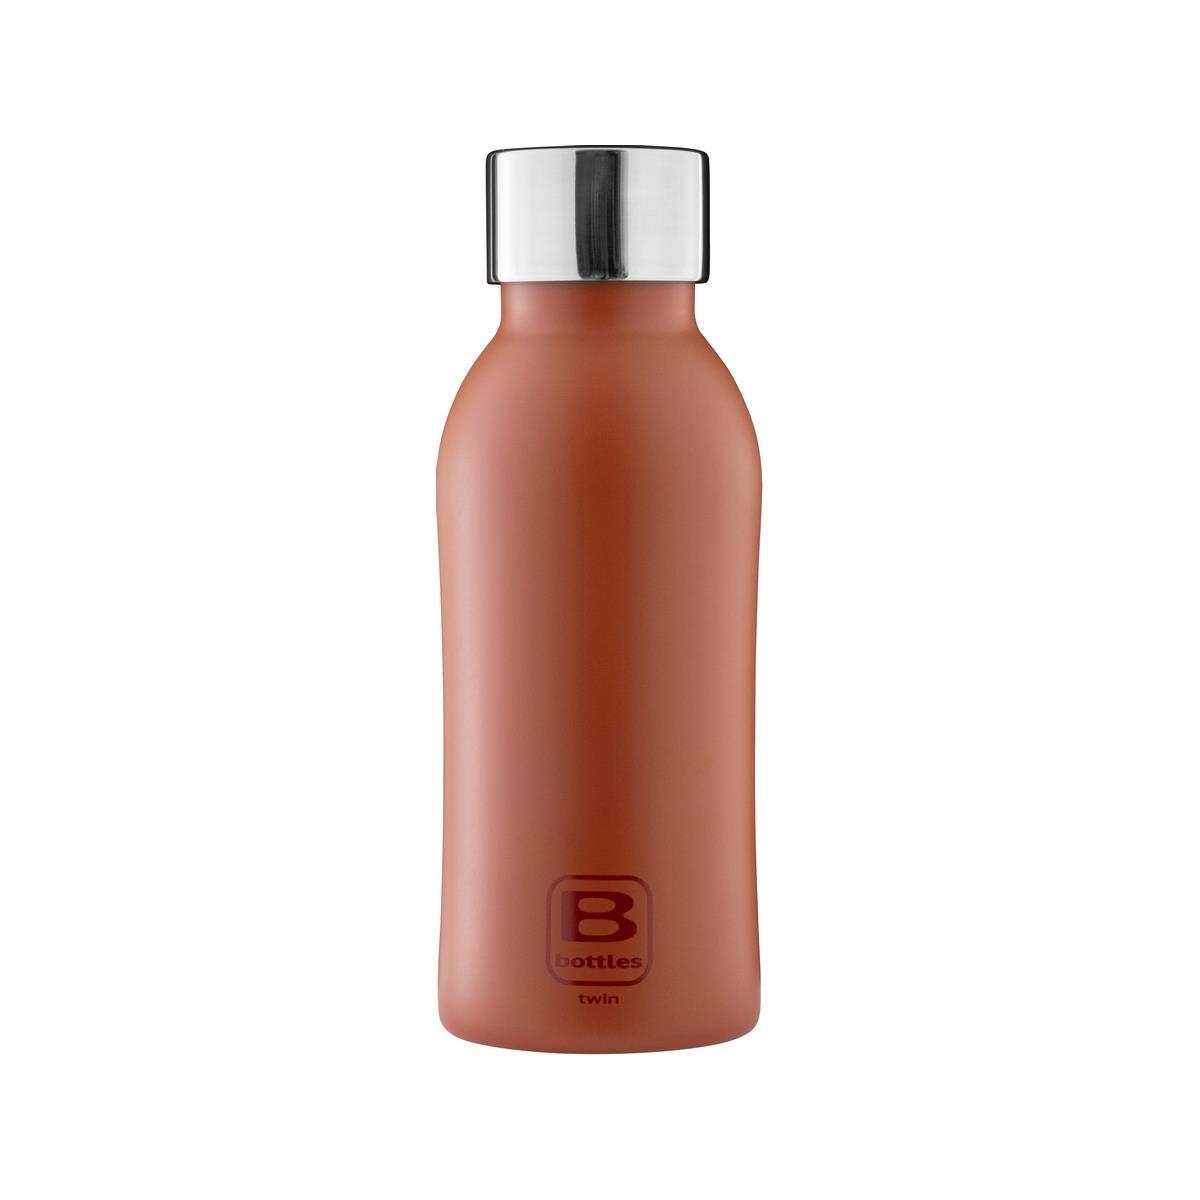 B Bottles Twin - Potter'S Clay - 350 ml - Bottiglia Termica a doppia parete in acciaio inox 18/10